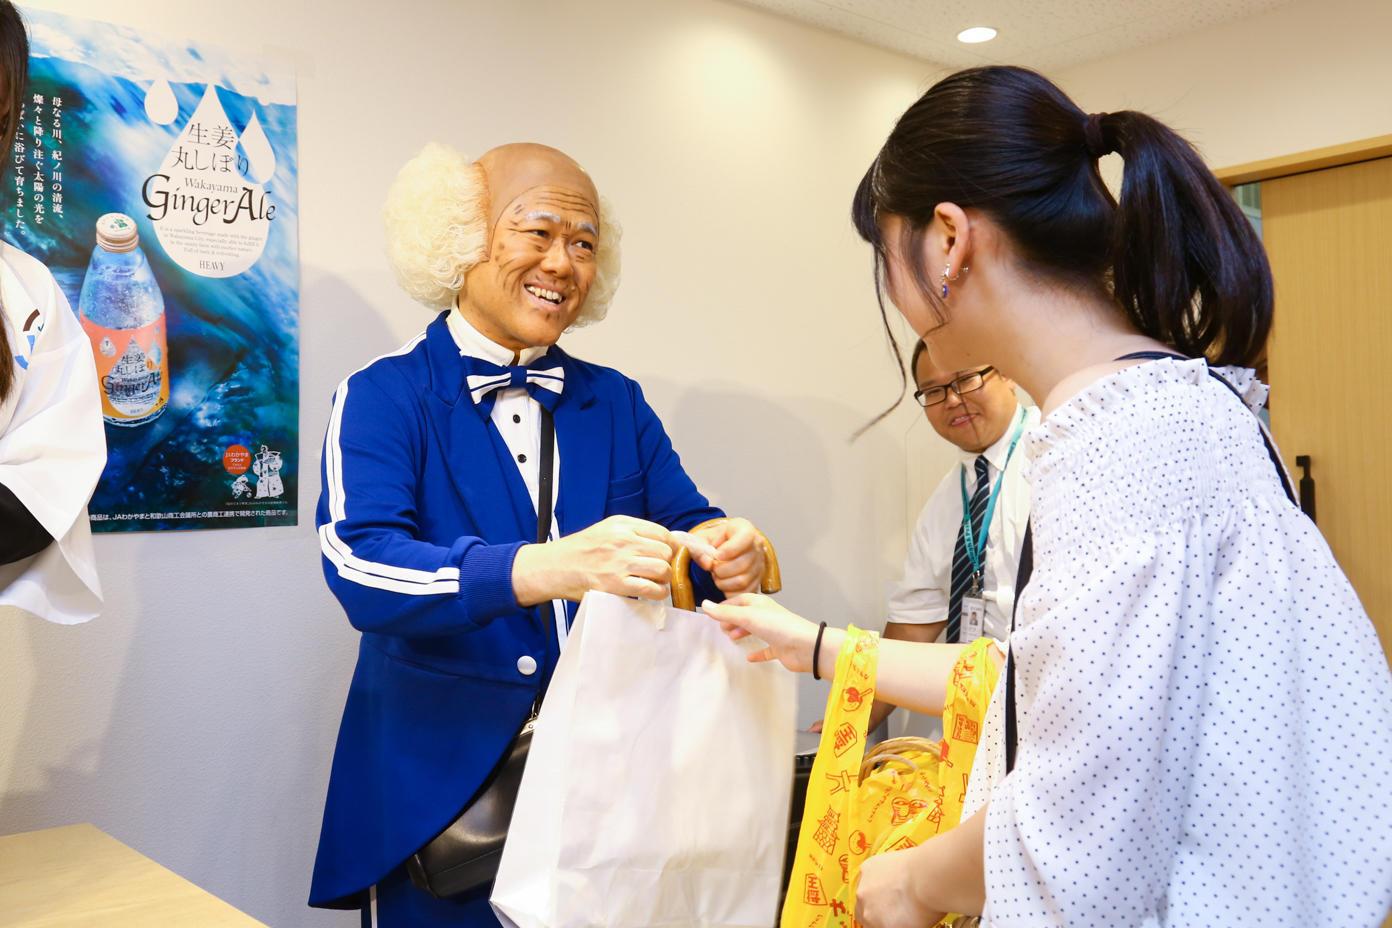 http://news.yoshimoto.co.jp/20180807212533-c2aa951d76a8d1b755f310e654b725a1423a24b1.jpg